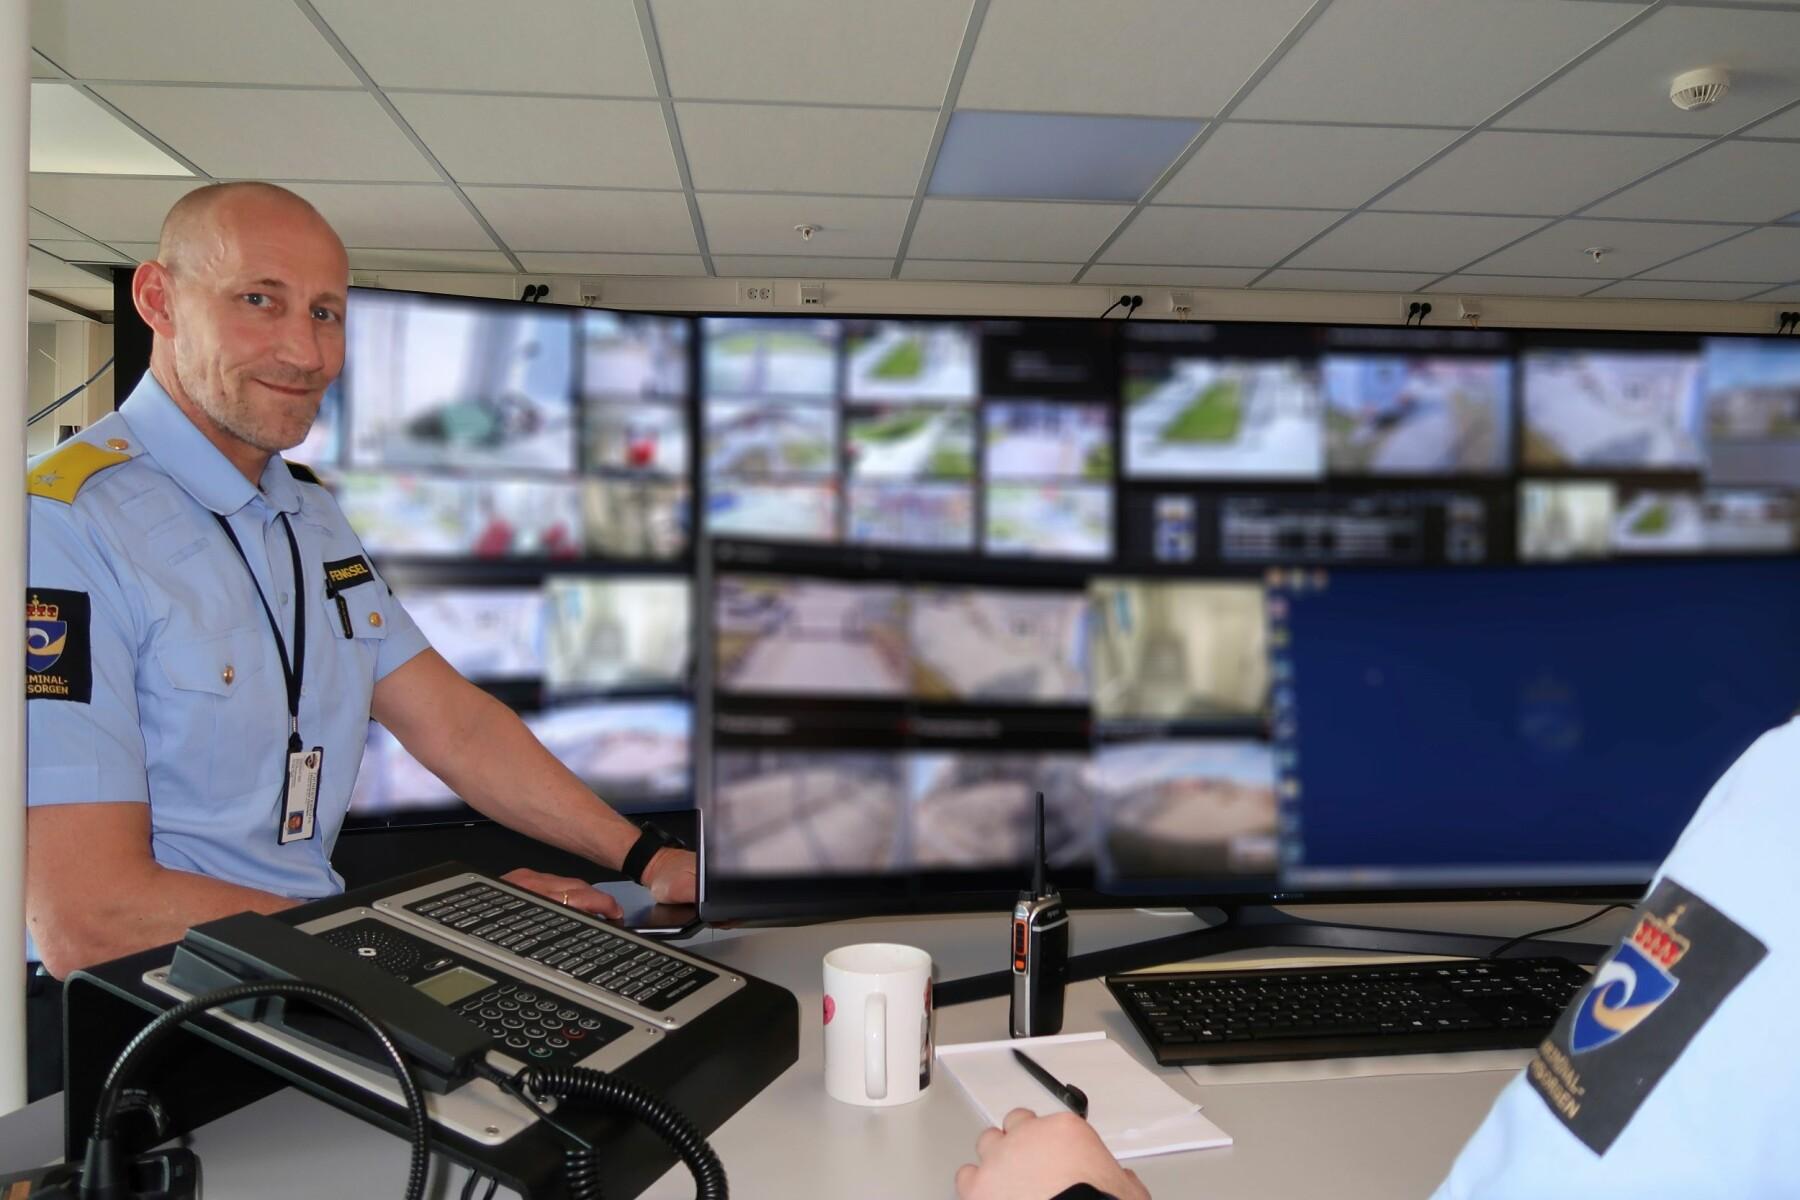 Caverion Flexicontrol er på en måte et toppsystem over de andre toppsystemene, og har gitt oss en «helt ny verden», sier assisterende fengselsleder Geir Jakobsen i Trondheim fengsel.